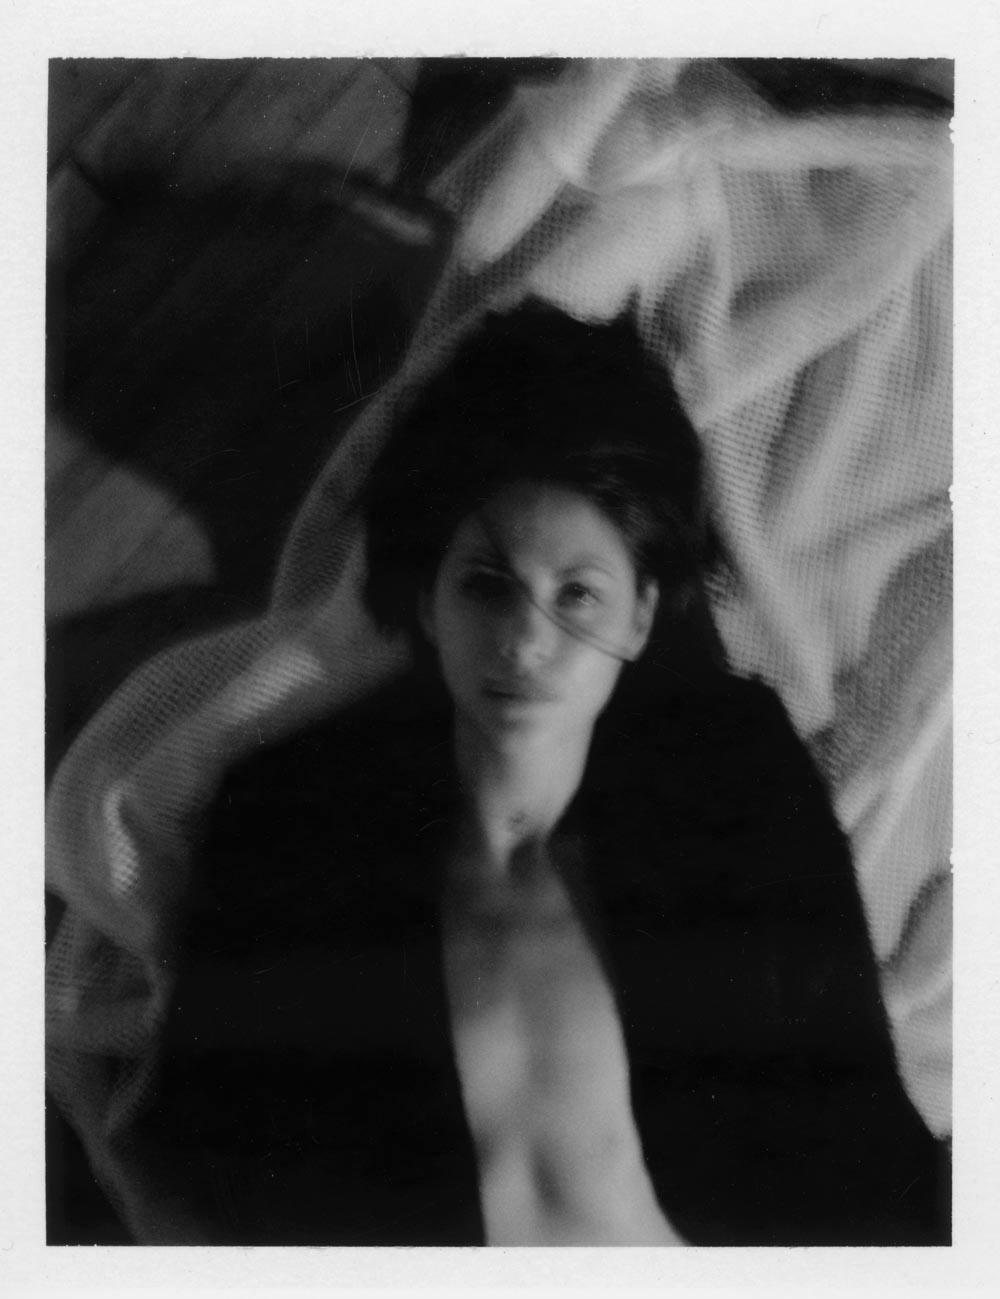 Willa Holland Topless Photoshoot